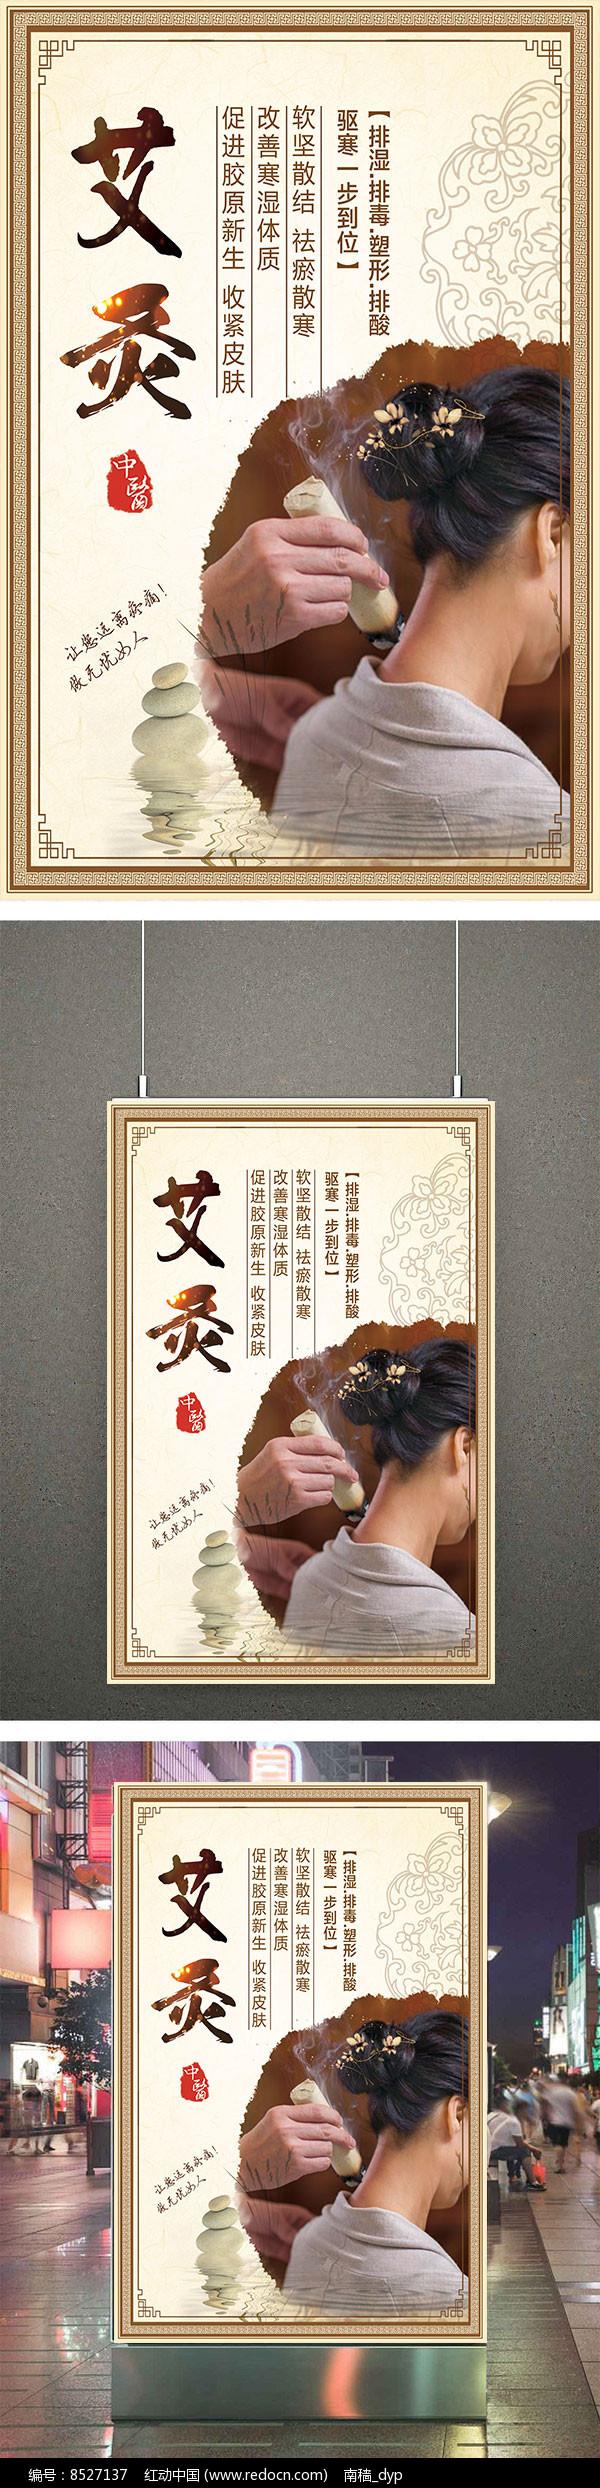 原创设计稿 海报设计/宣传单/广告牌 海报设计 艾灸中医养生海报设计